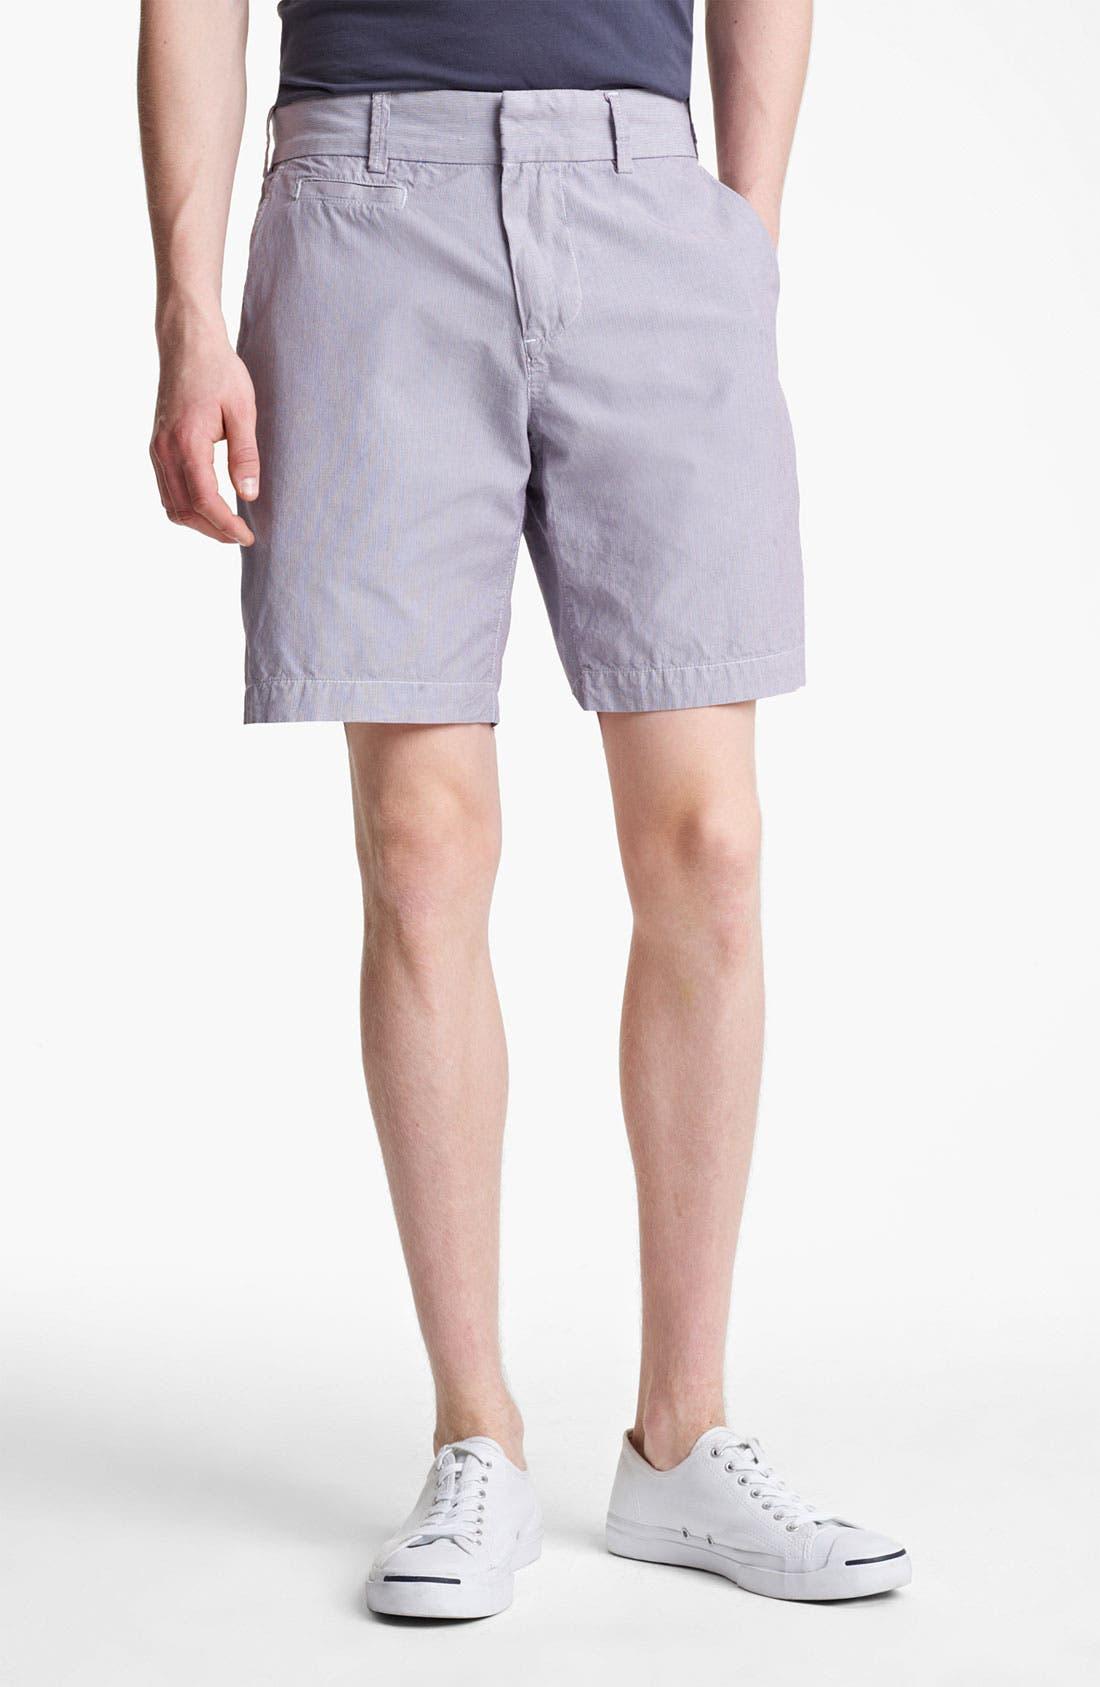 Main Image - Save Khaki Microstripe Bermuda Shorts